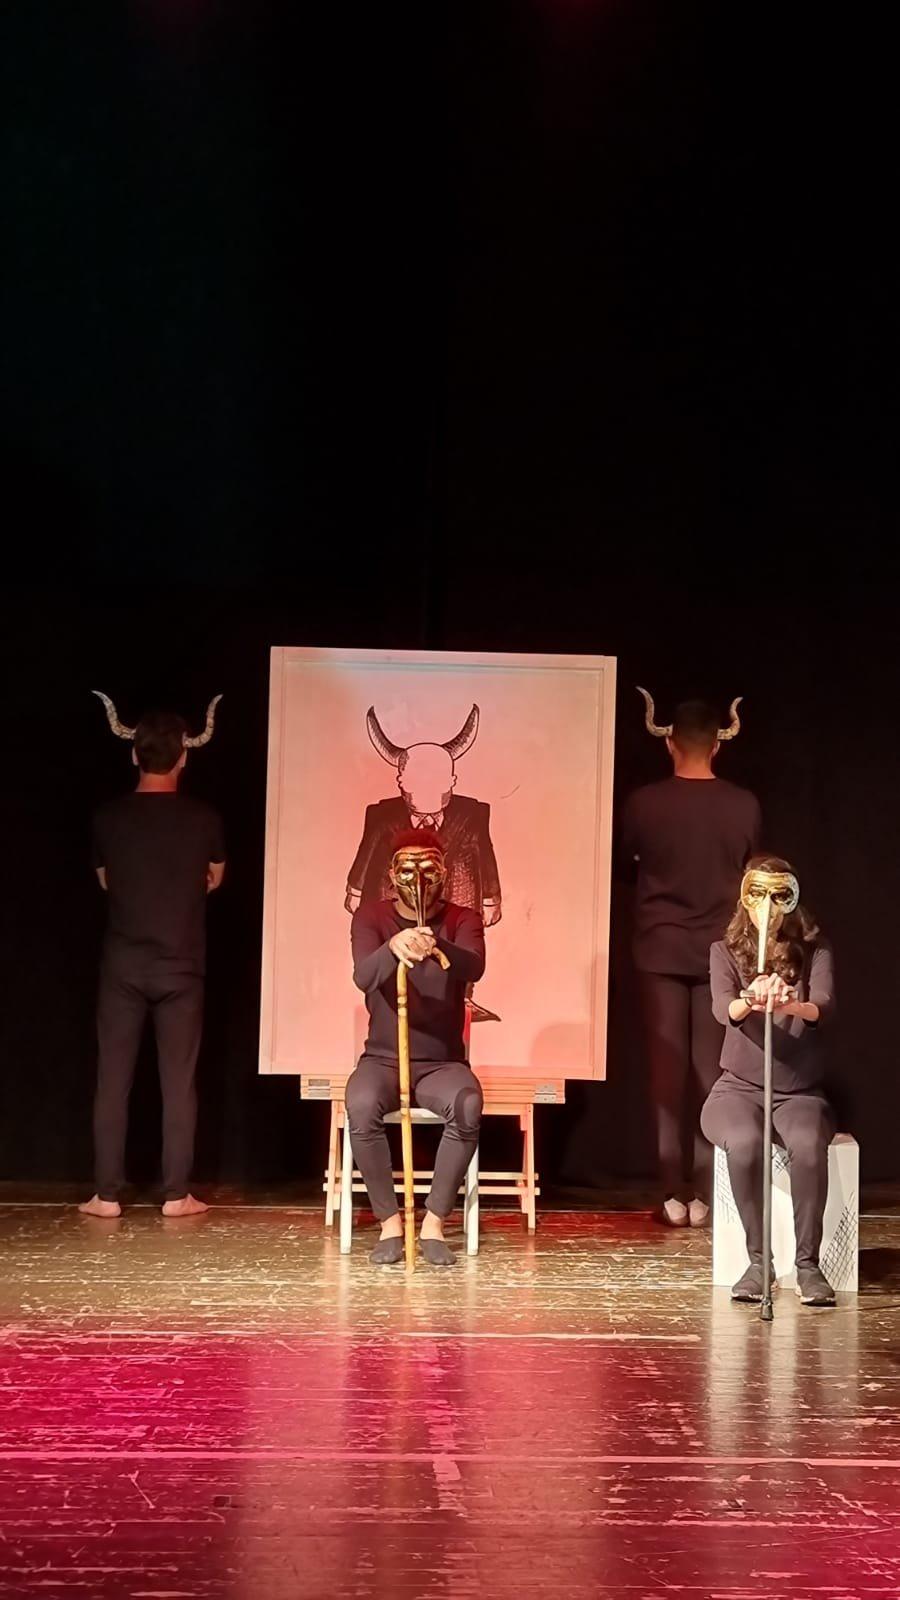 أكاديمية فرينج الناصرة تحتفل هذا الأسبوع بتخريج الفوج الثاني من طلاب فرع التمثيل الجدد وعرض مسرحيتهم الأولى-12